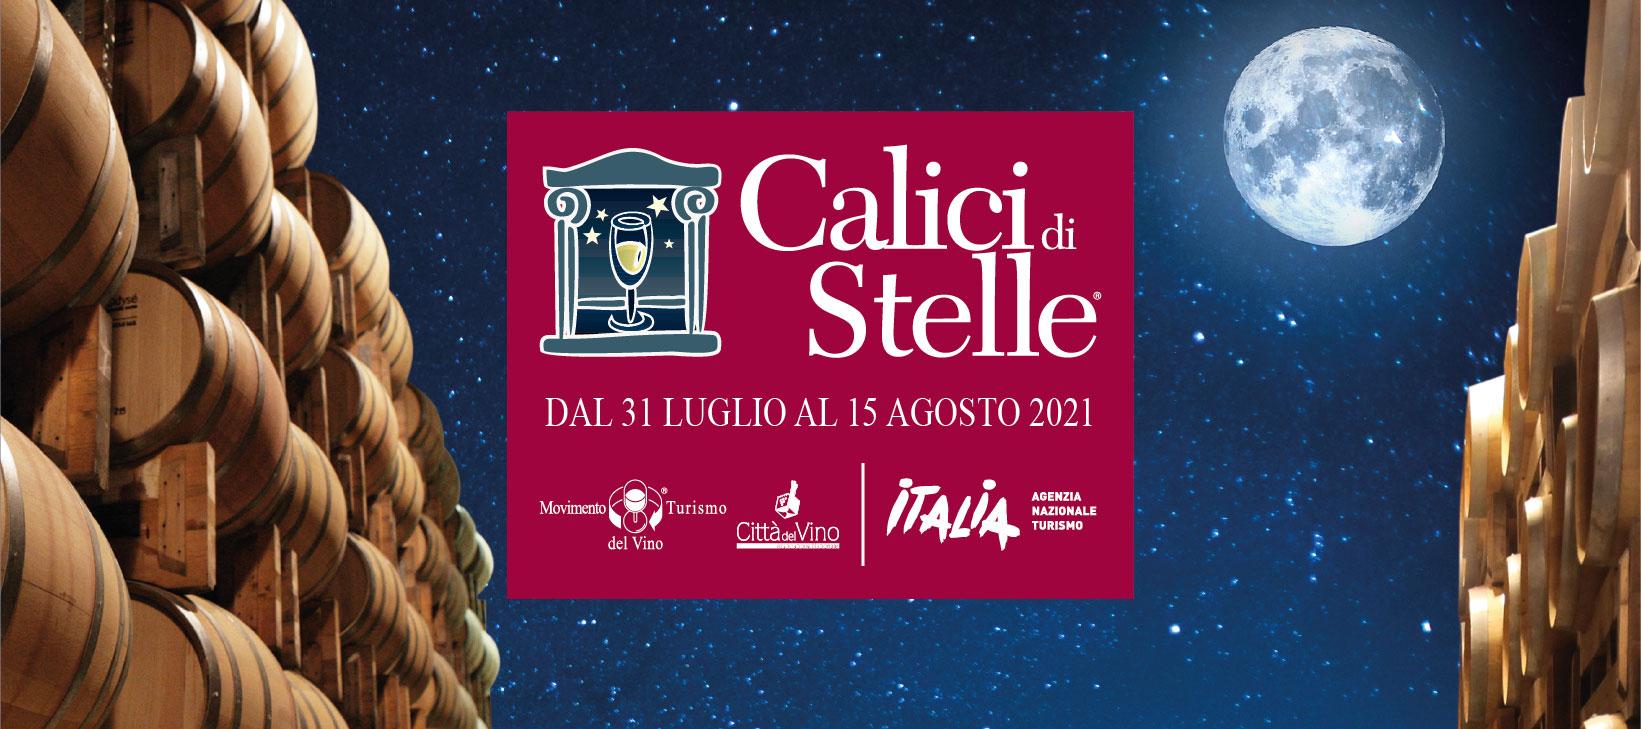 Calici di Stelle a Siena: un tour tra arte e vino